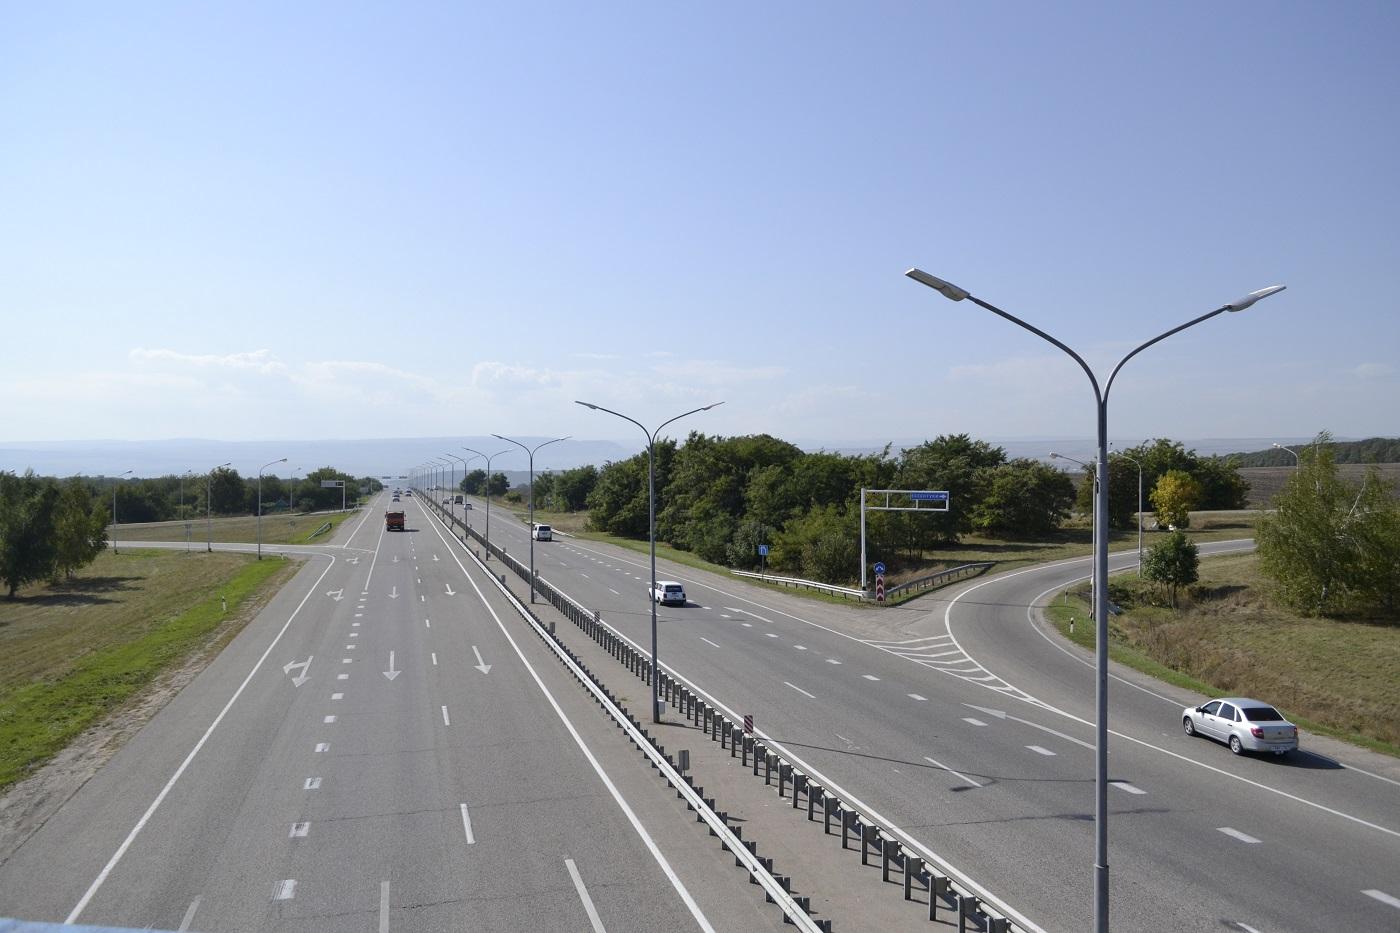 Освещение на дорогах в Кабардино-Балкарии установят впервые за 10 лет